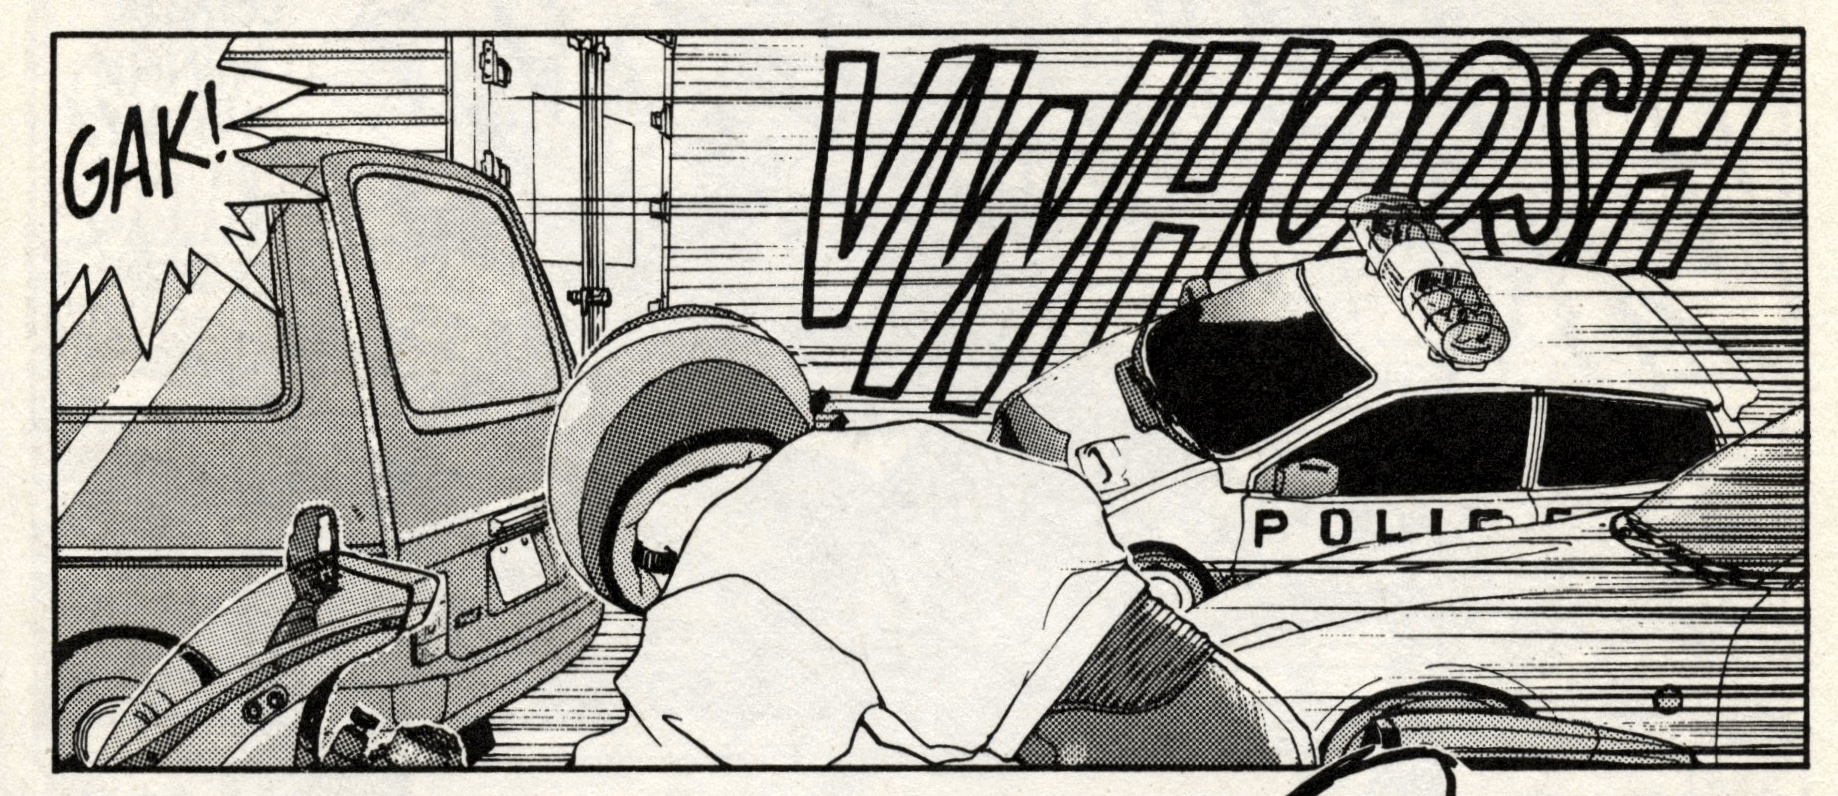 youre-under-arrest-manga-4-page-26-nissan-urvan-caravan